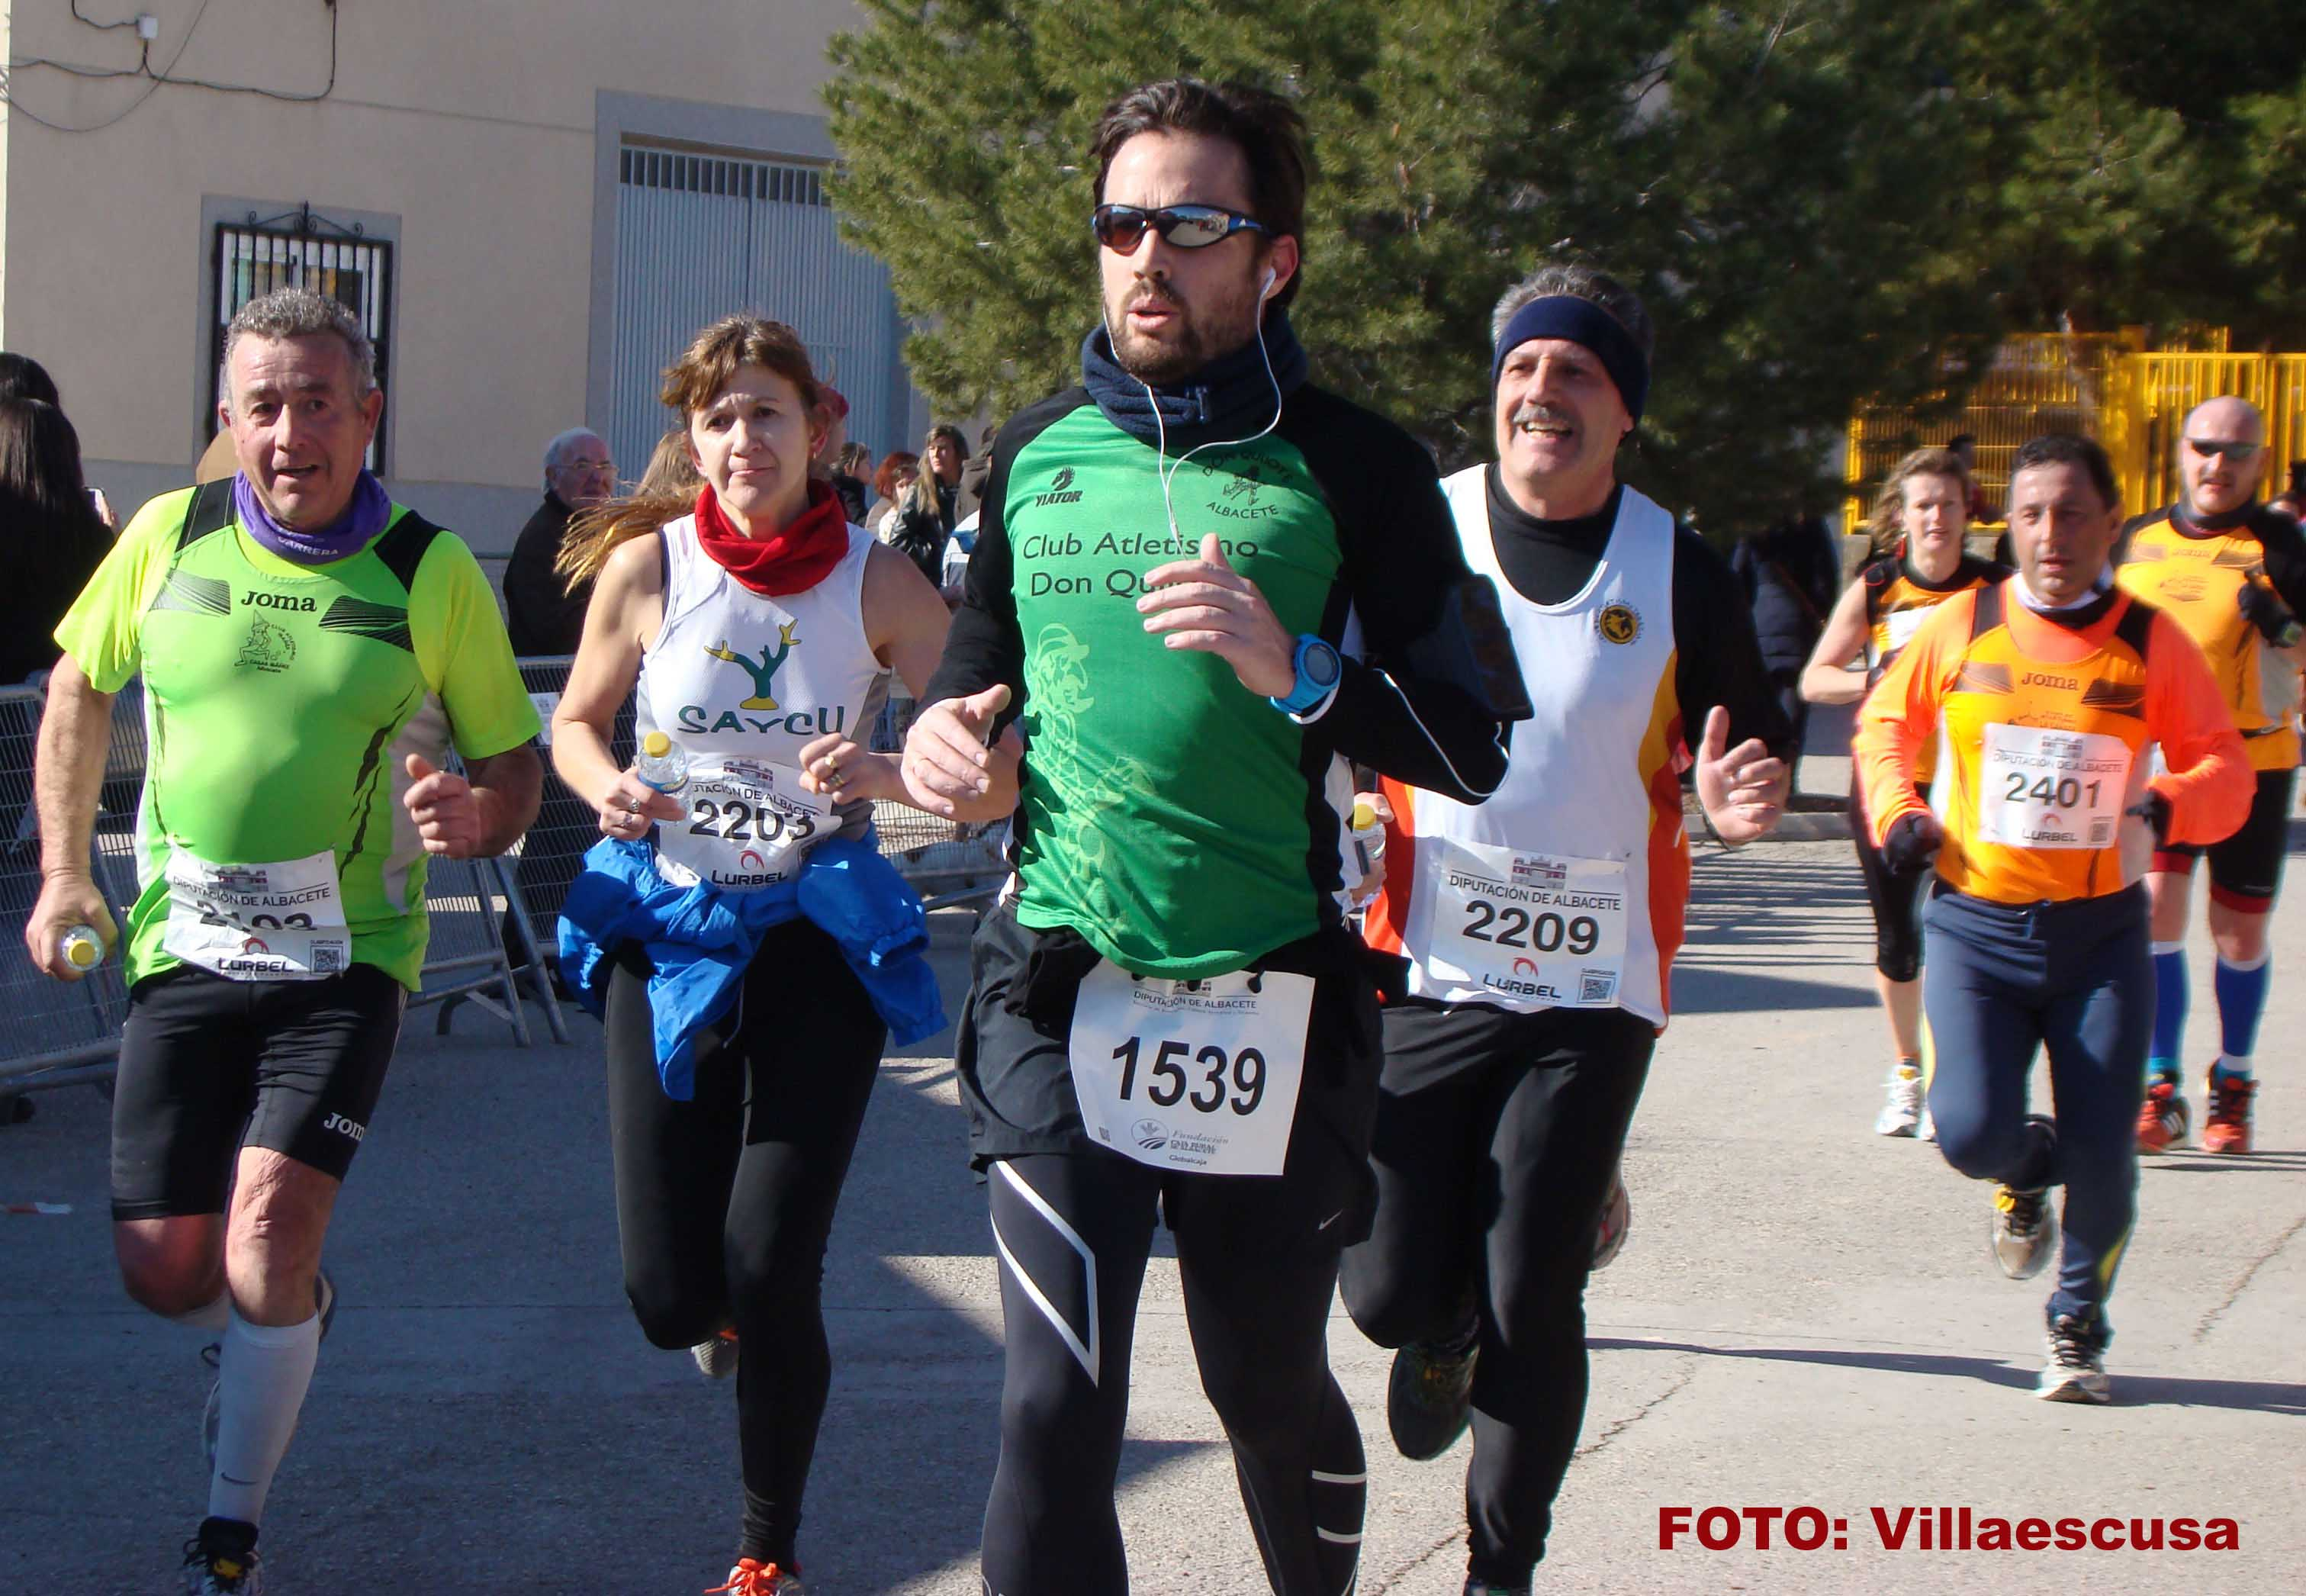 Atletas en la Carrera Popular de Balazote (Foto: Paco Villaescusa)